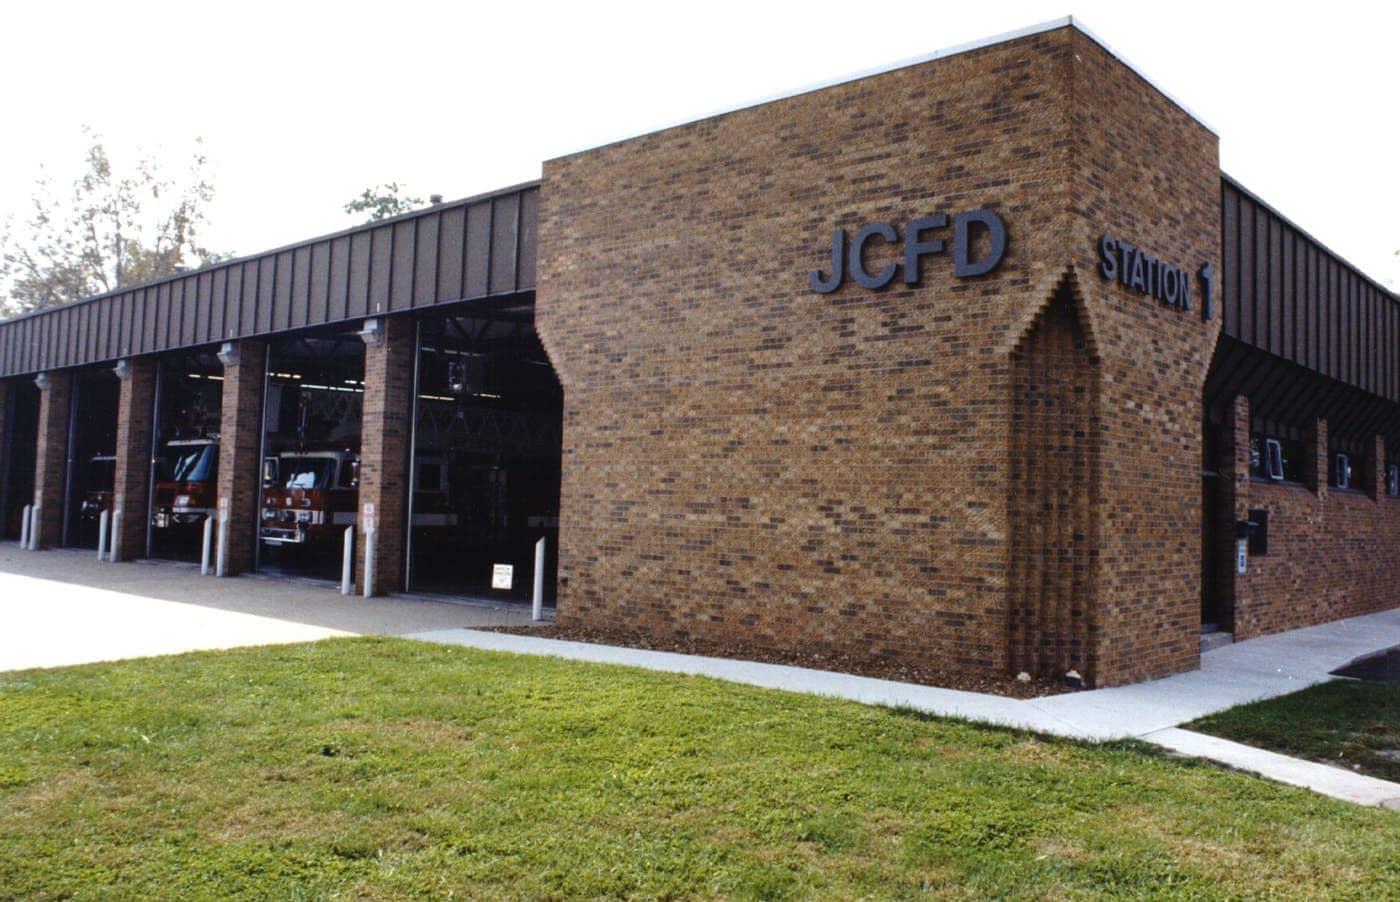 JCFD Station 1